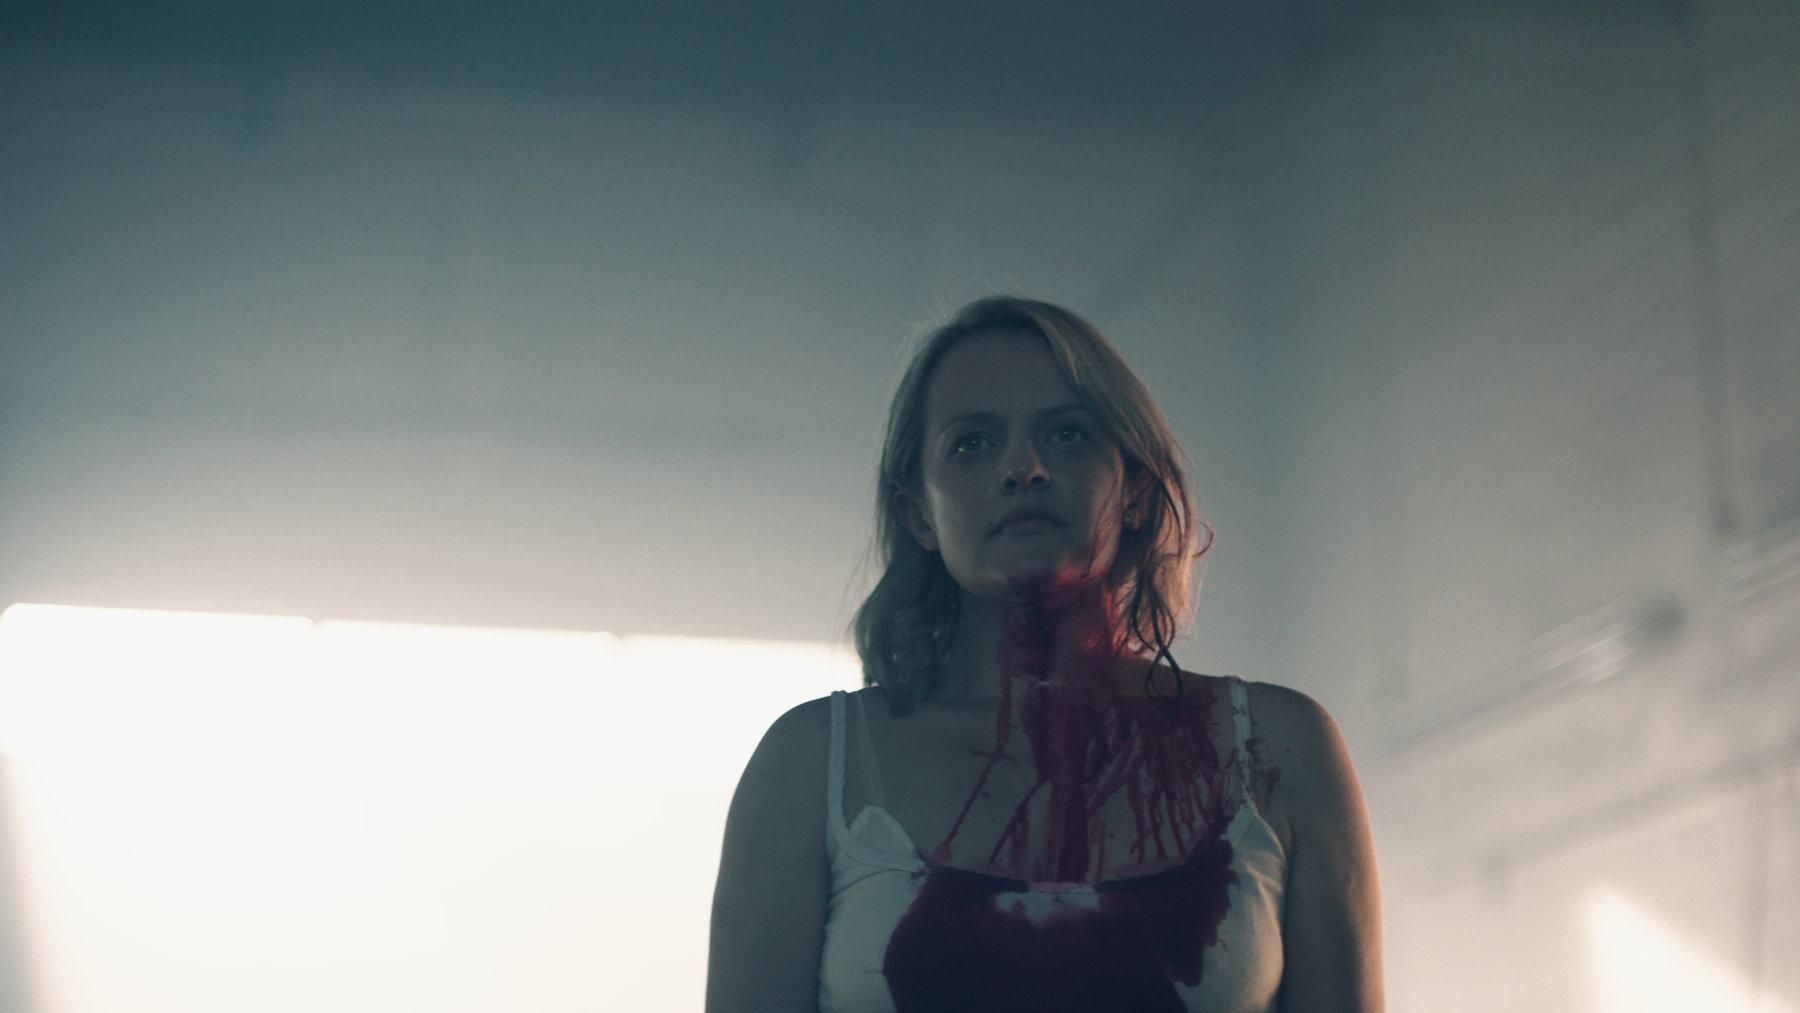 New 'Handmaid's Tale' Teaser Finally Reveals Season 2 Release